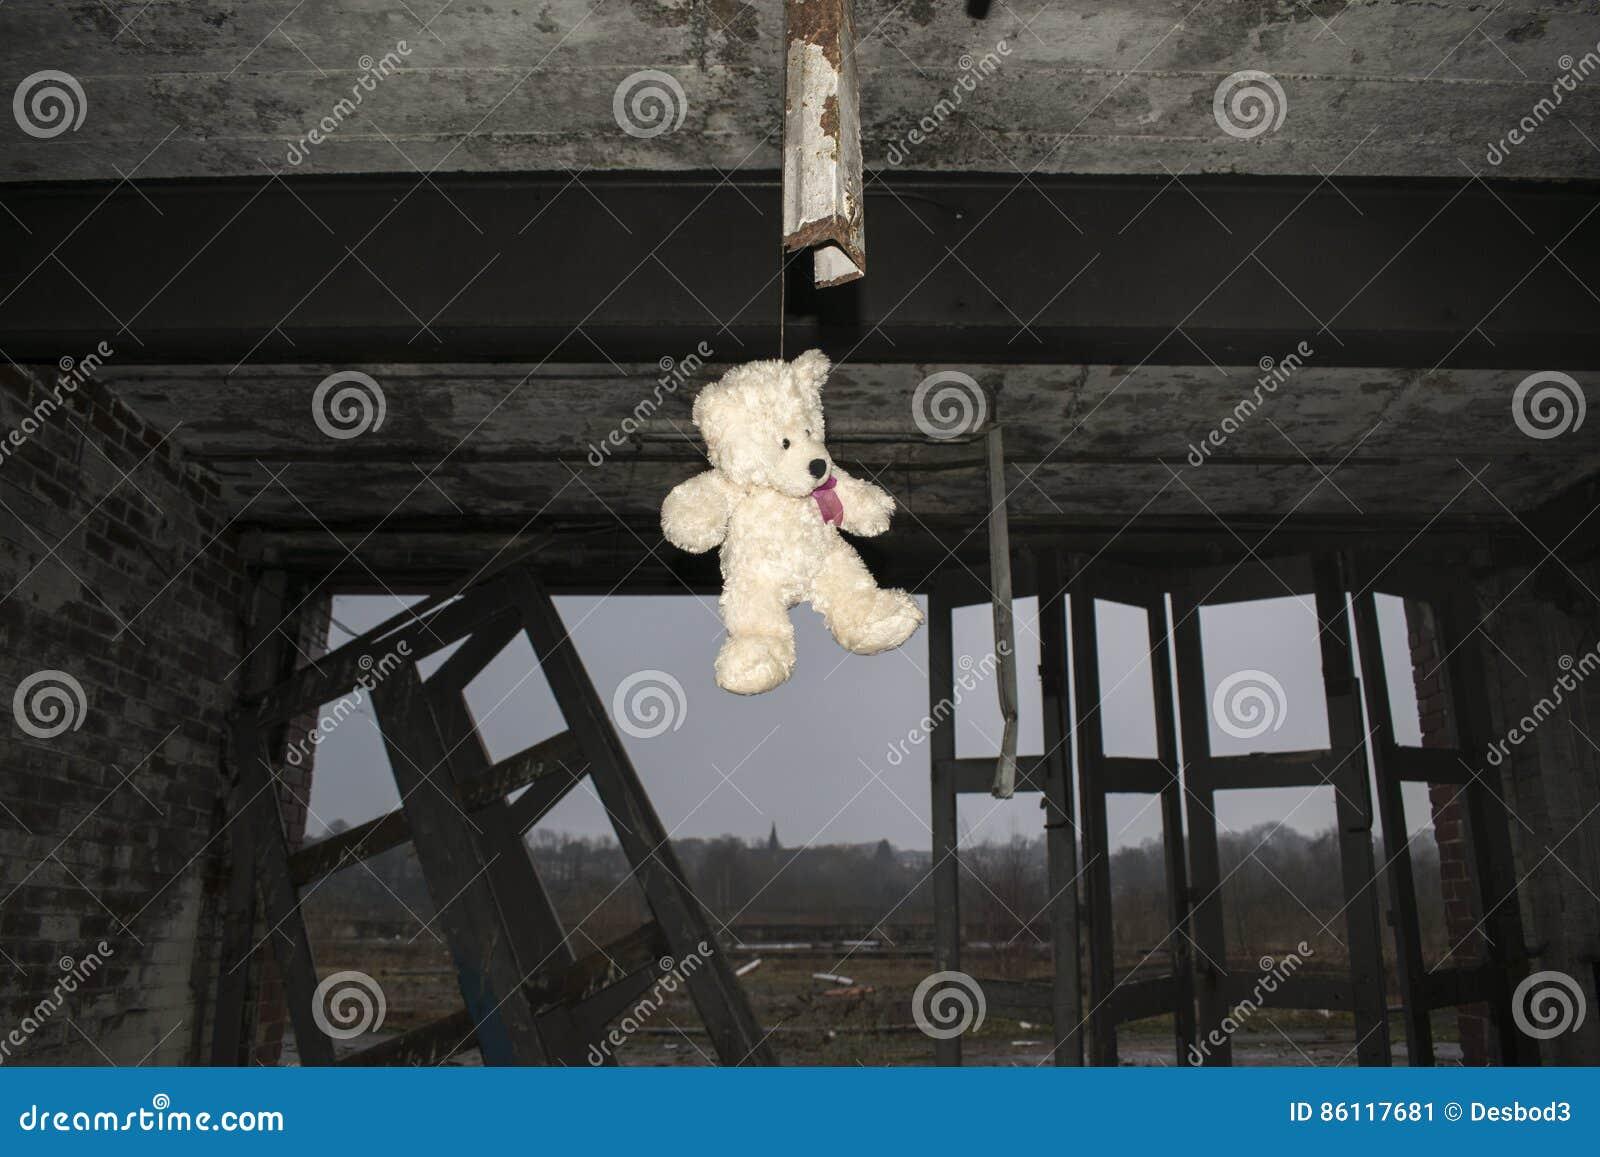 Teddy Bear Hanging In Derelict Verlaten Fie Station Building